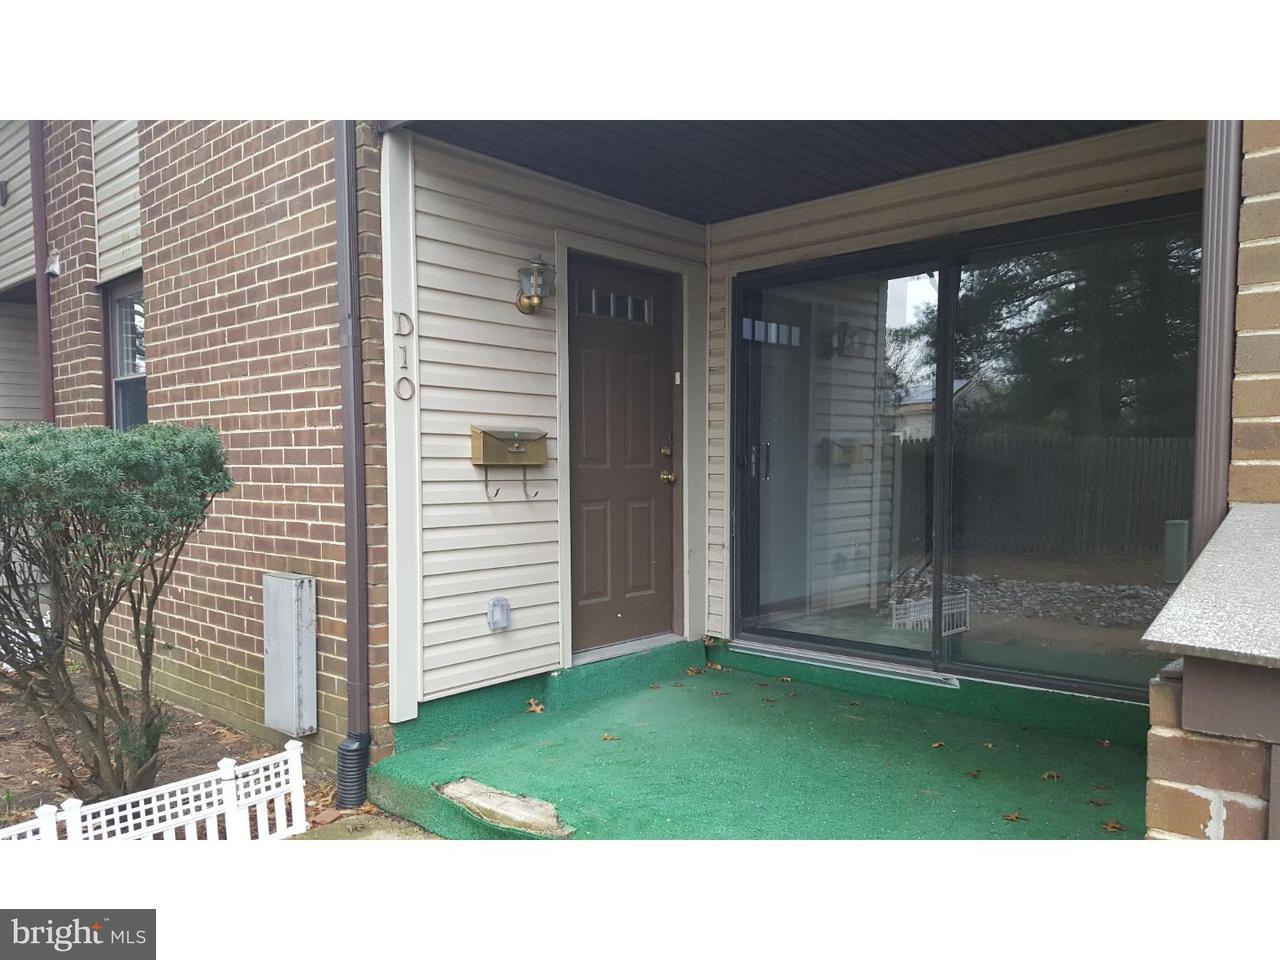 Casa Unifamiliar por un Venta en 1475 MOUNT HOLLY RD #D10 Edgewater Park, Nueva Jersey 08010 Estados Unidos